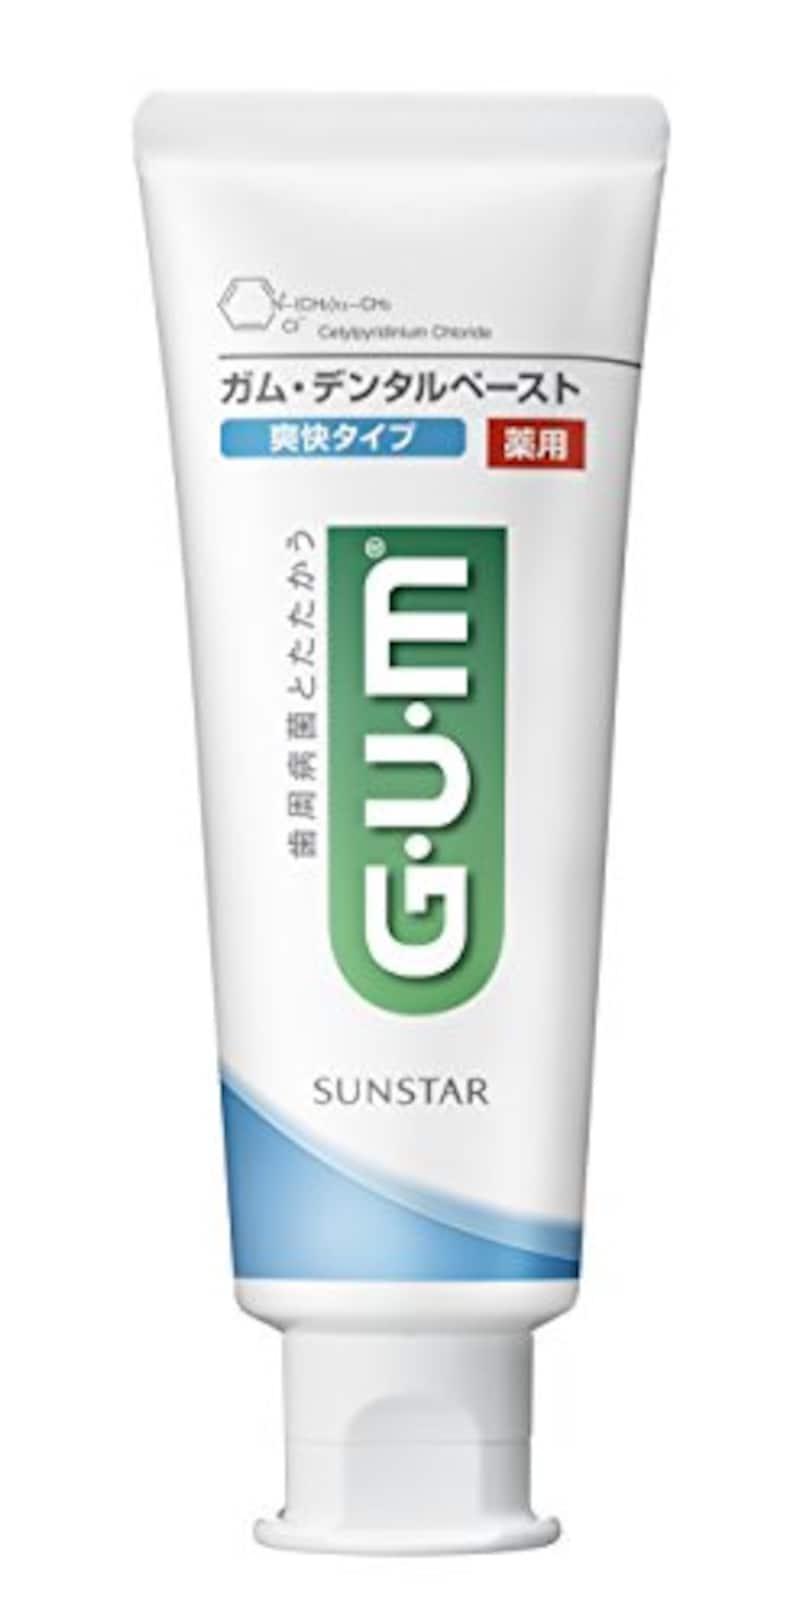 SUNSTAR(サンスター),GUM デンタルペースト ST爽快タイプ